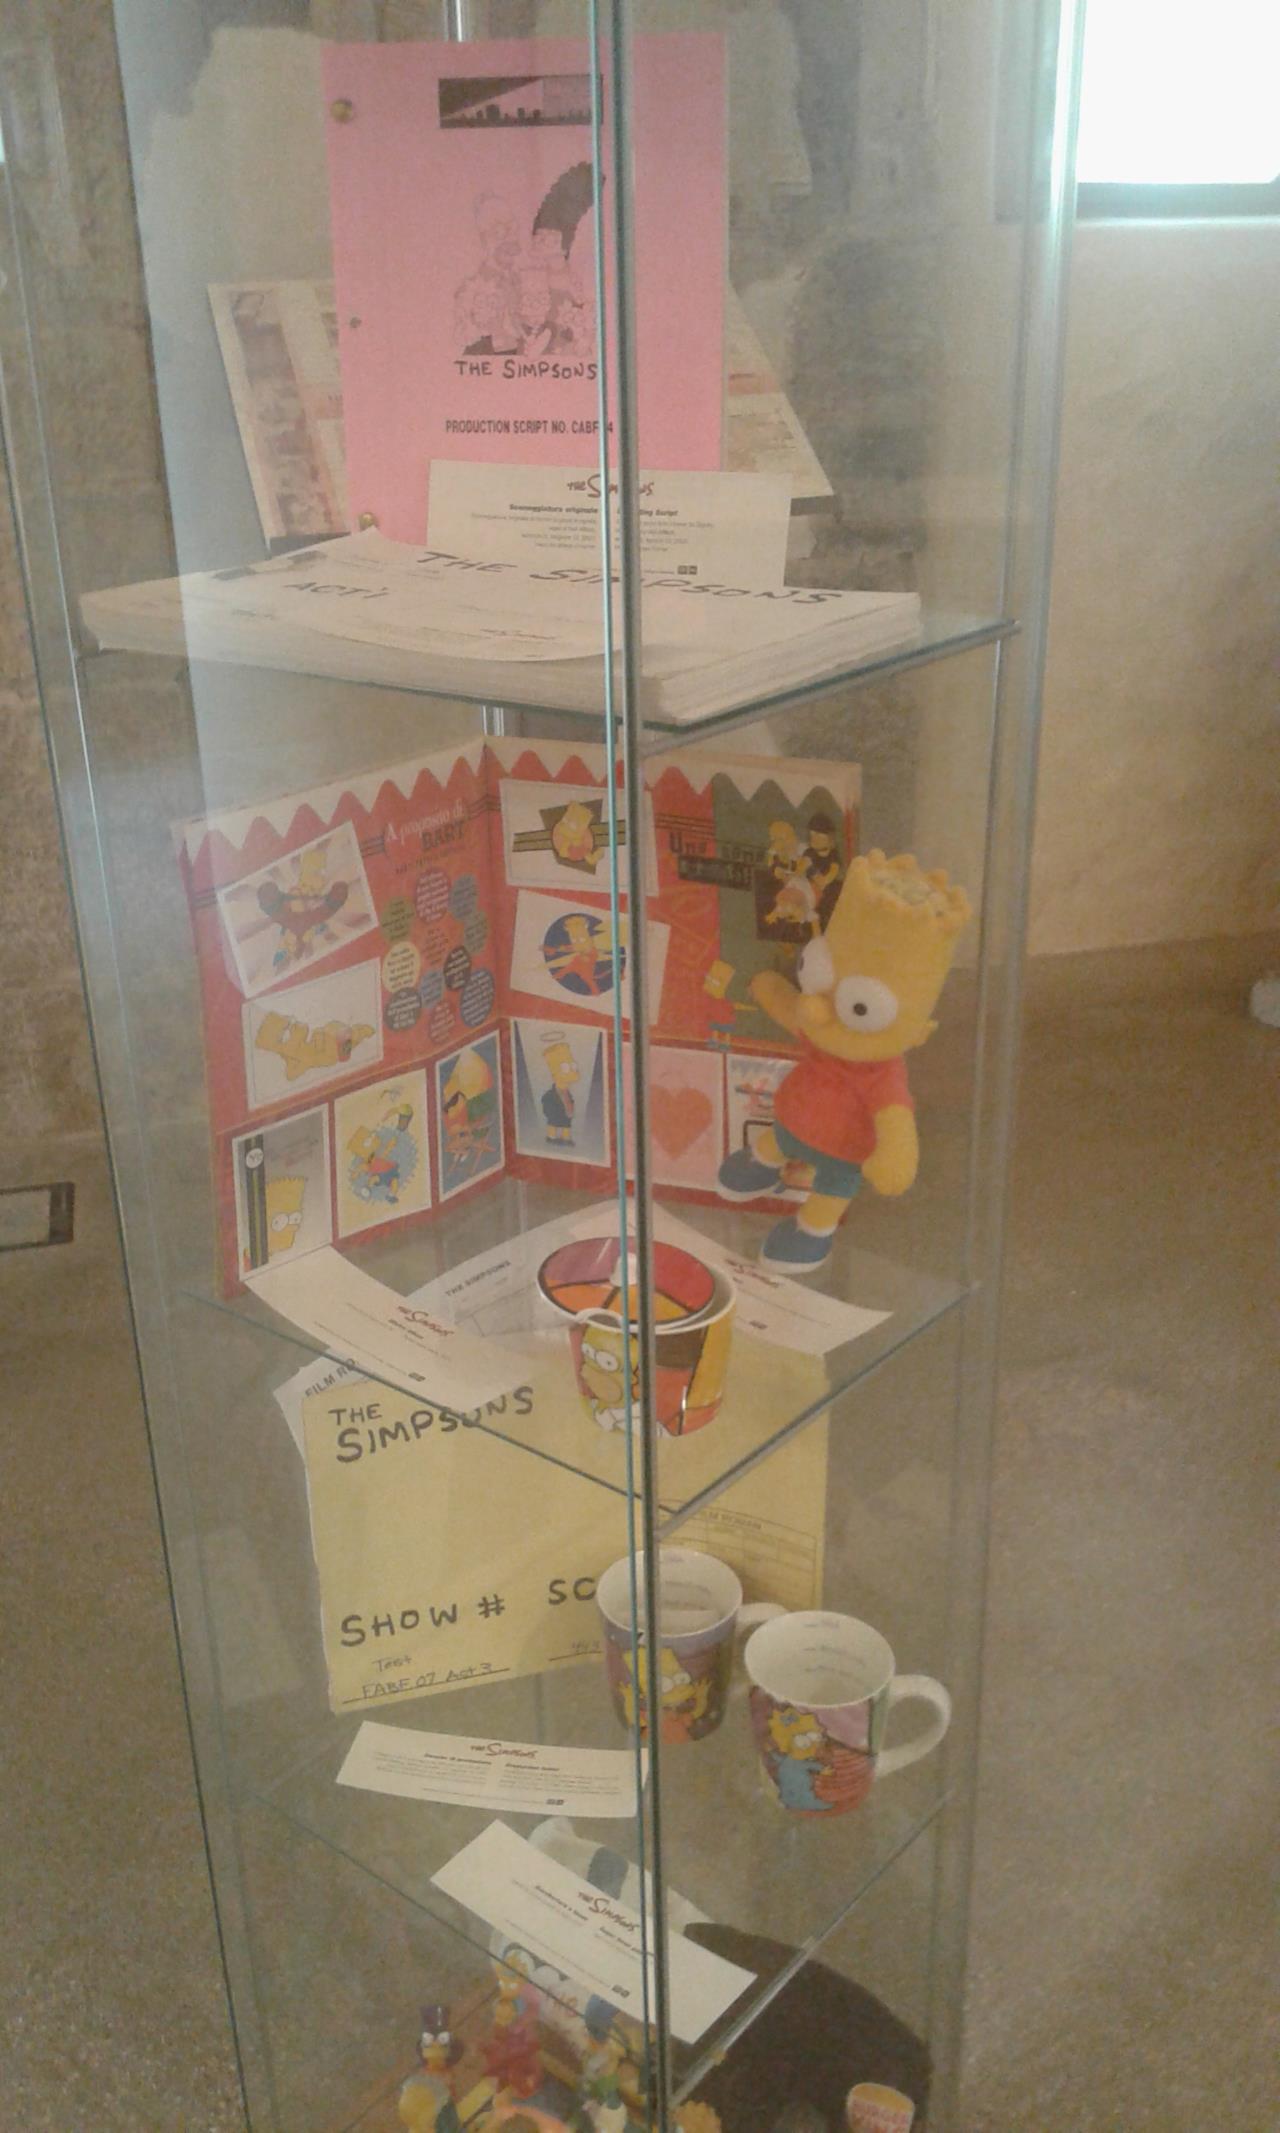 Teca contenente action figures e oggetti da collezione dei Simpson